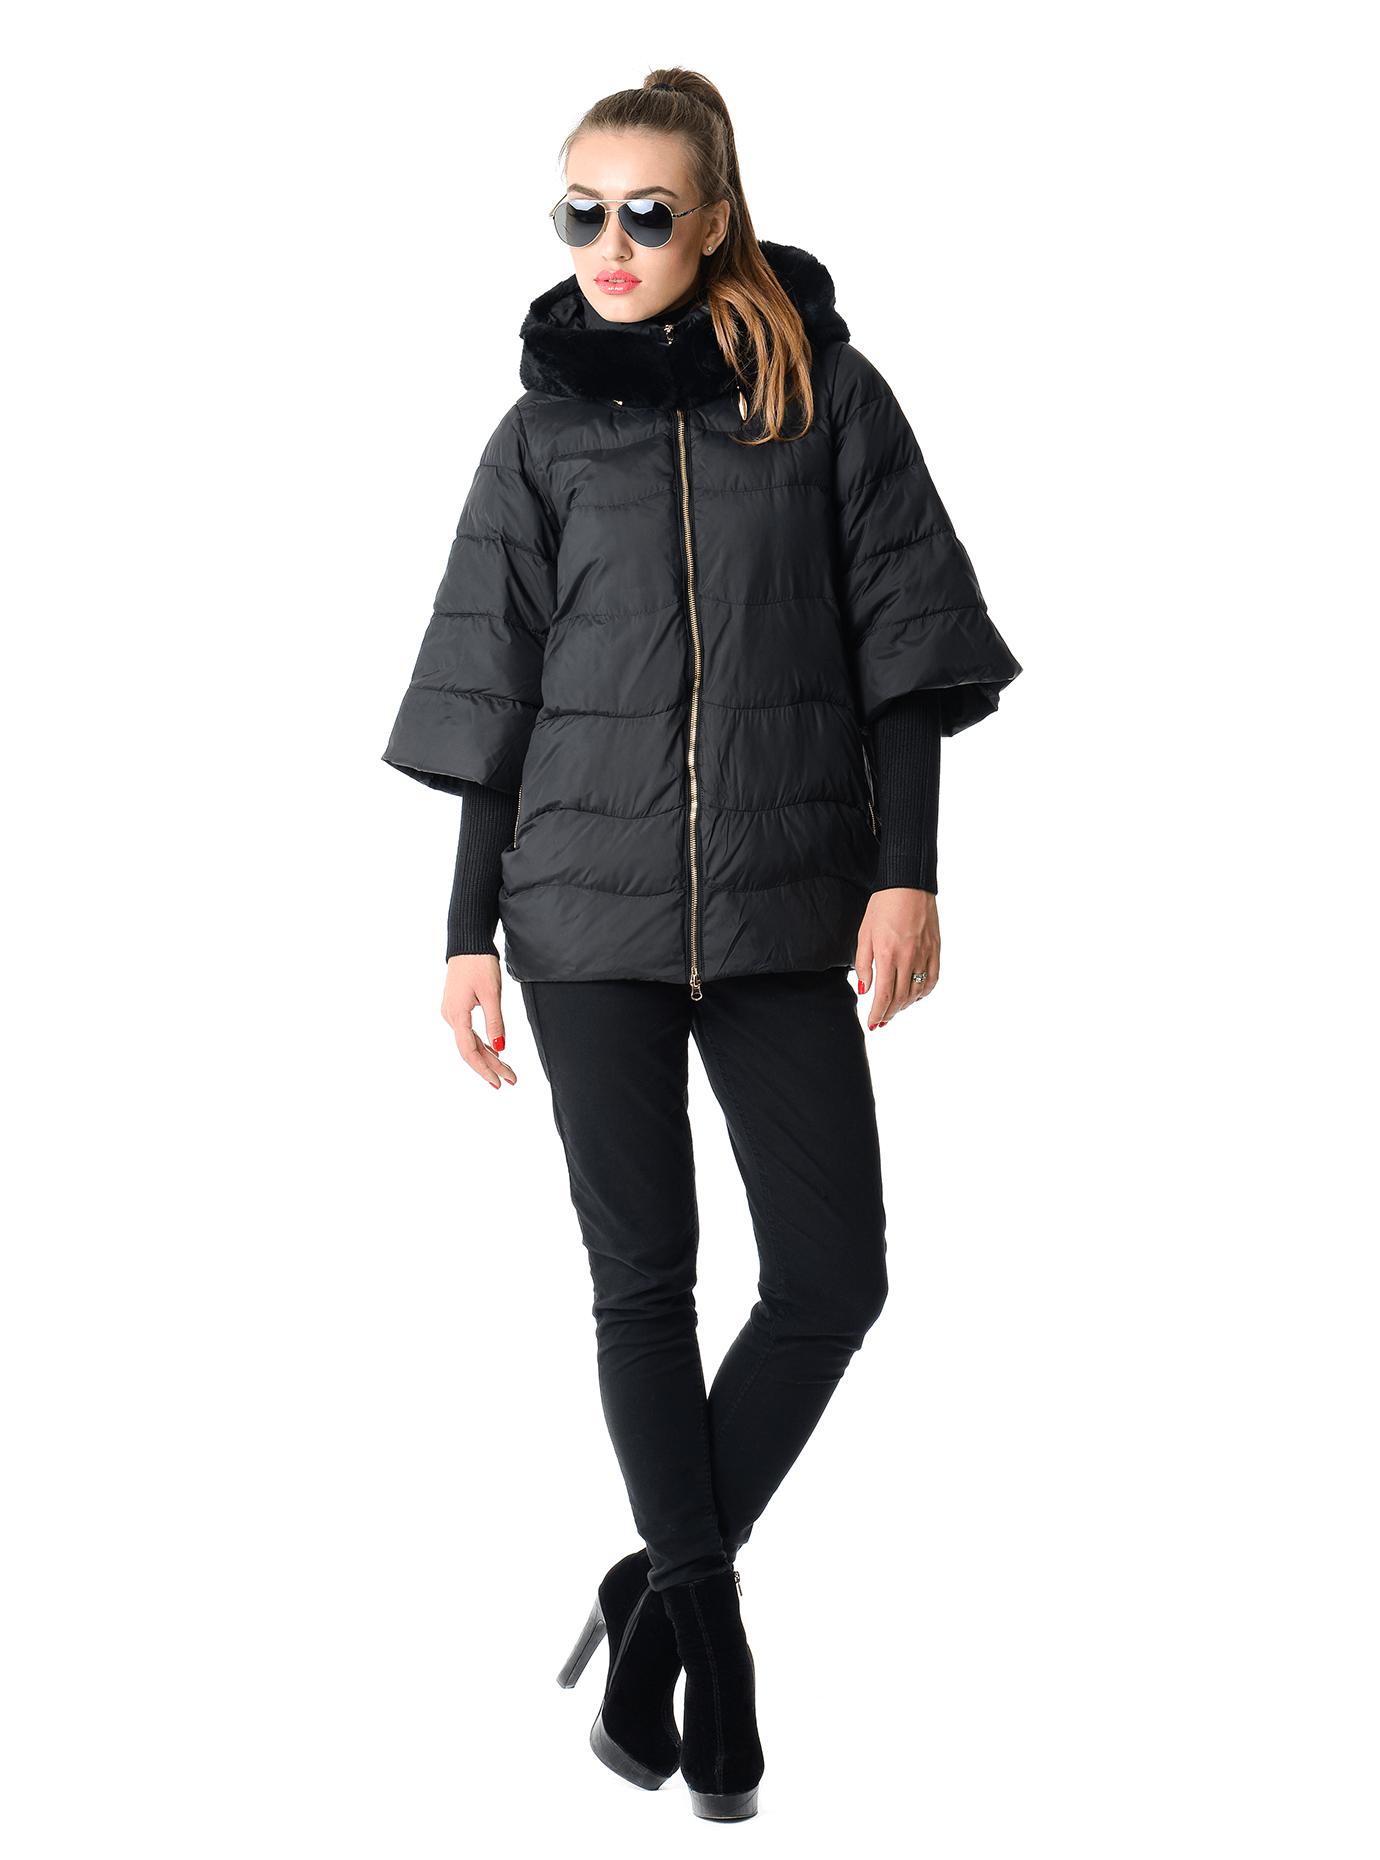 Куртка женская зимняя с трикотажным довязом Чёрный S (05-AB9102): фото - Alster.ua